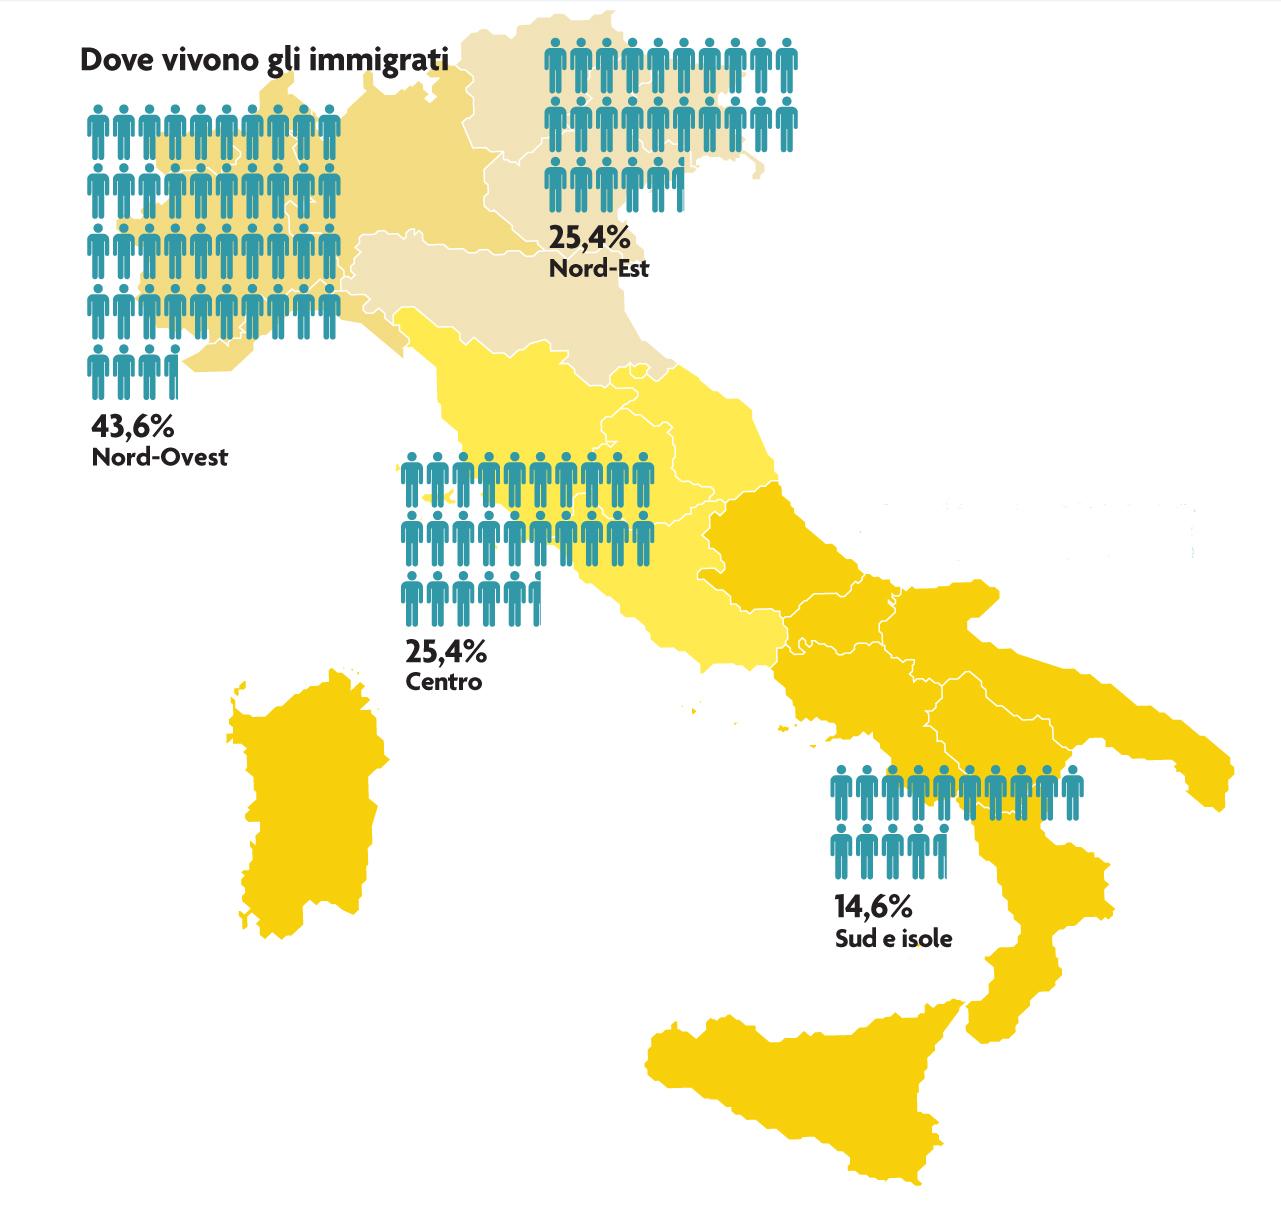 Cartina Italia Nord Sud Est Ovest.L Italia Al Centro Del Mediterraneo